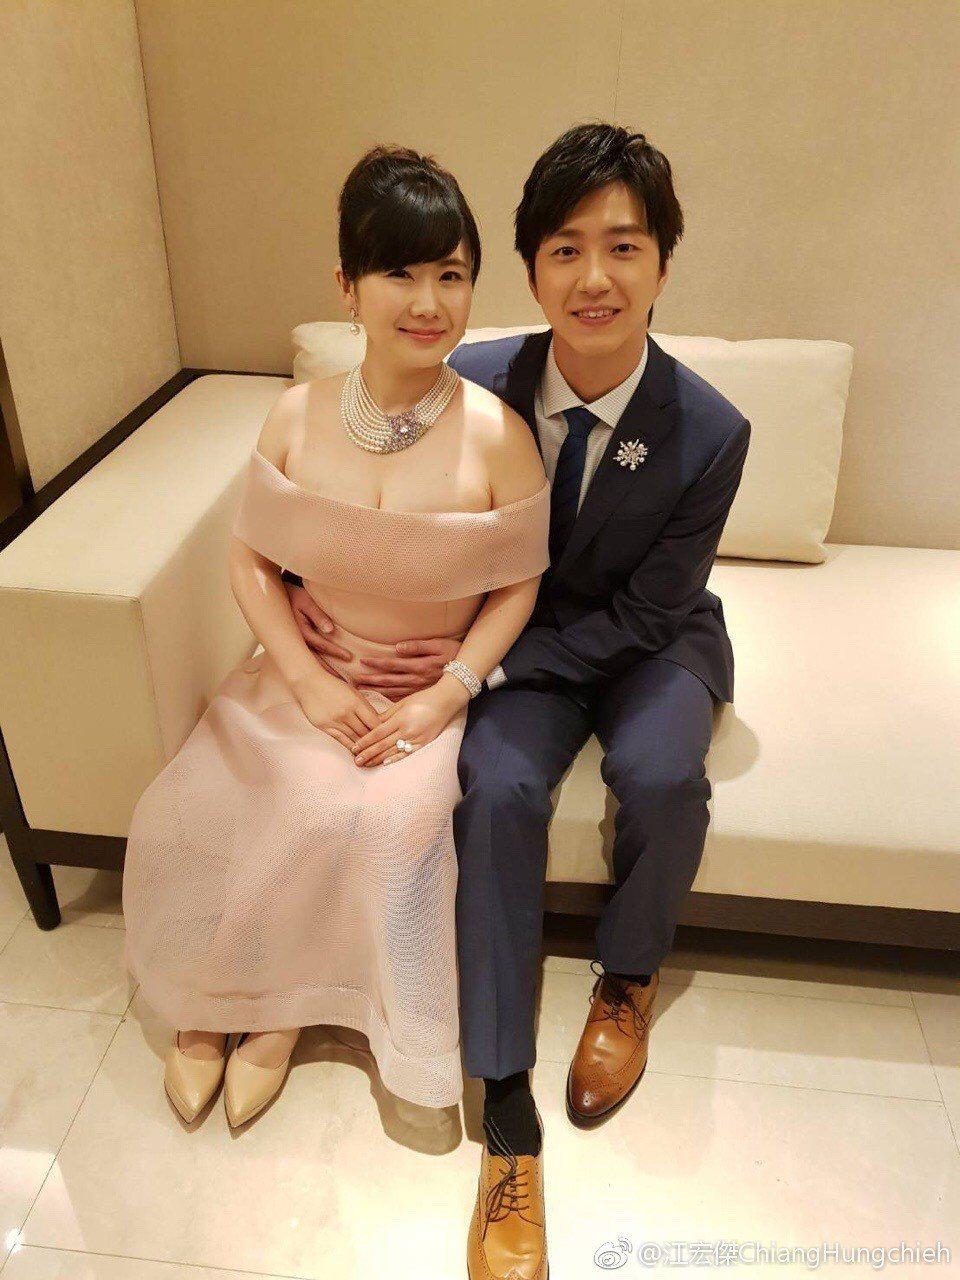 江宏傑(右)跟老婆福原愛首次錄製實境秀。圖/摘自江宏傑微博